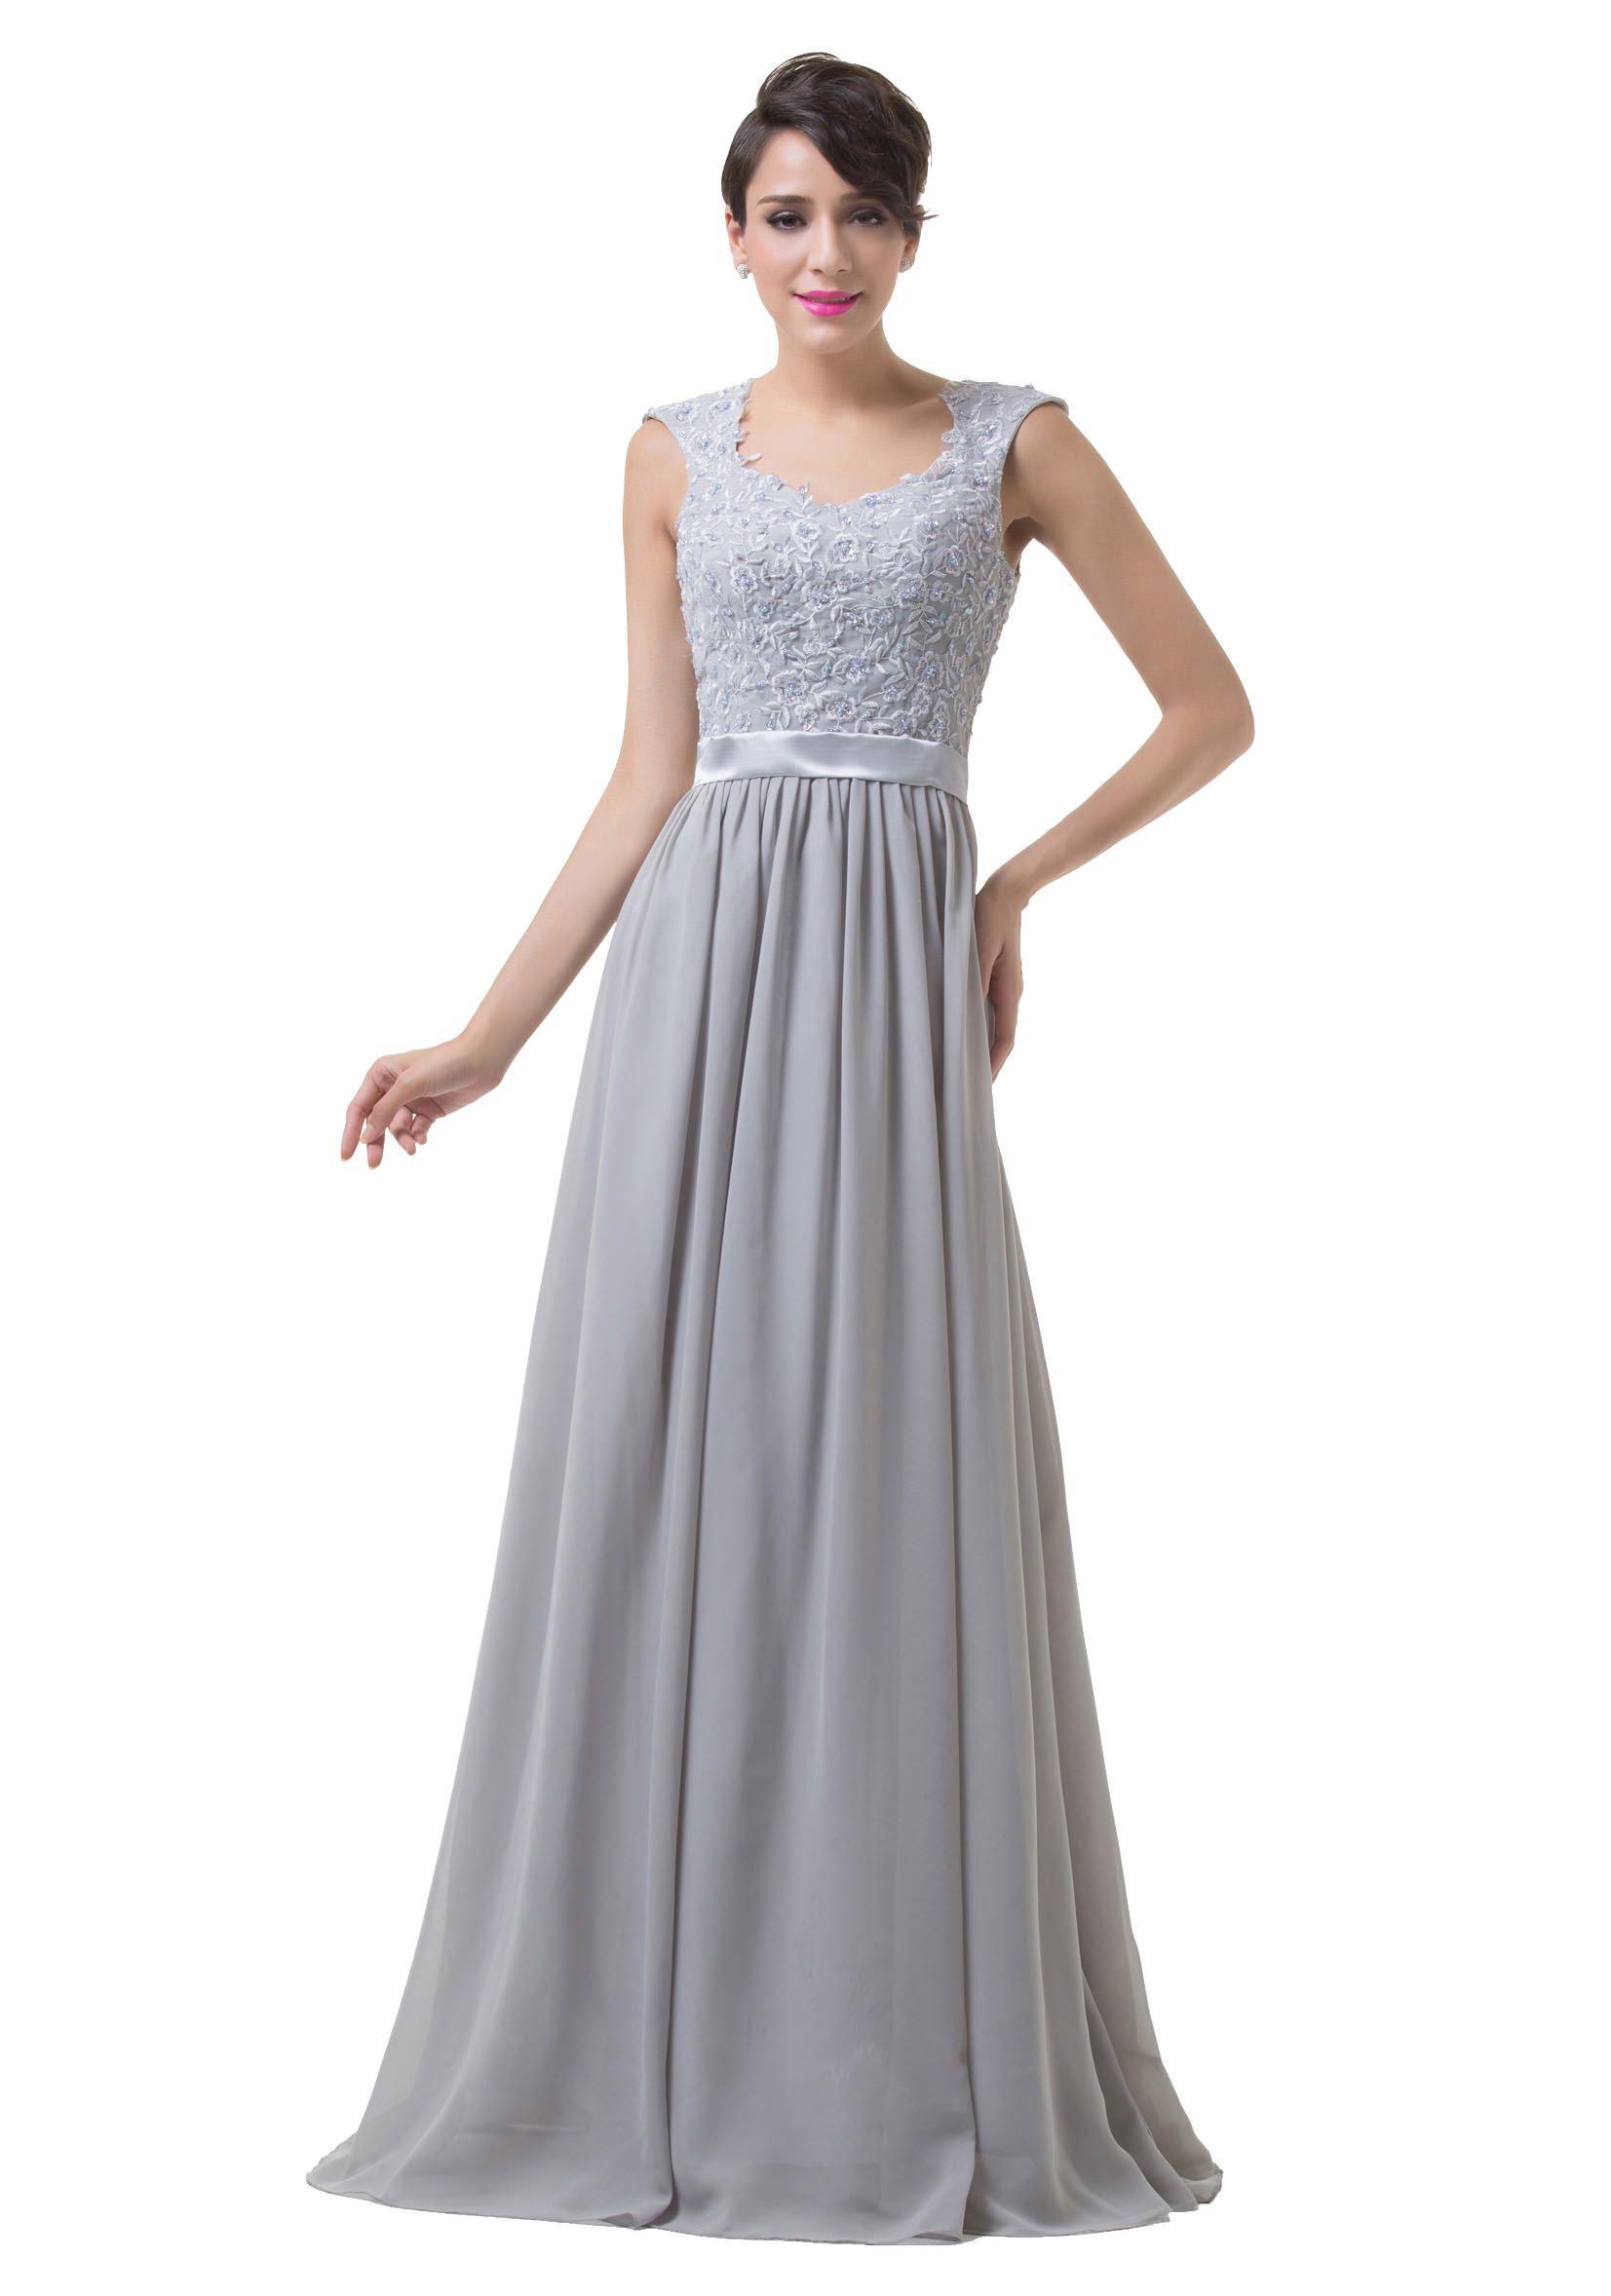 Abend Genial Abend Kleid Grau GalerieFormal Luxurius Abend Kleid Grau Galerie